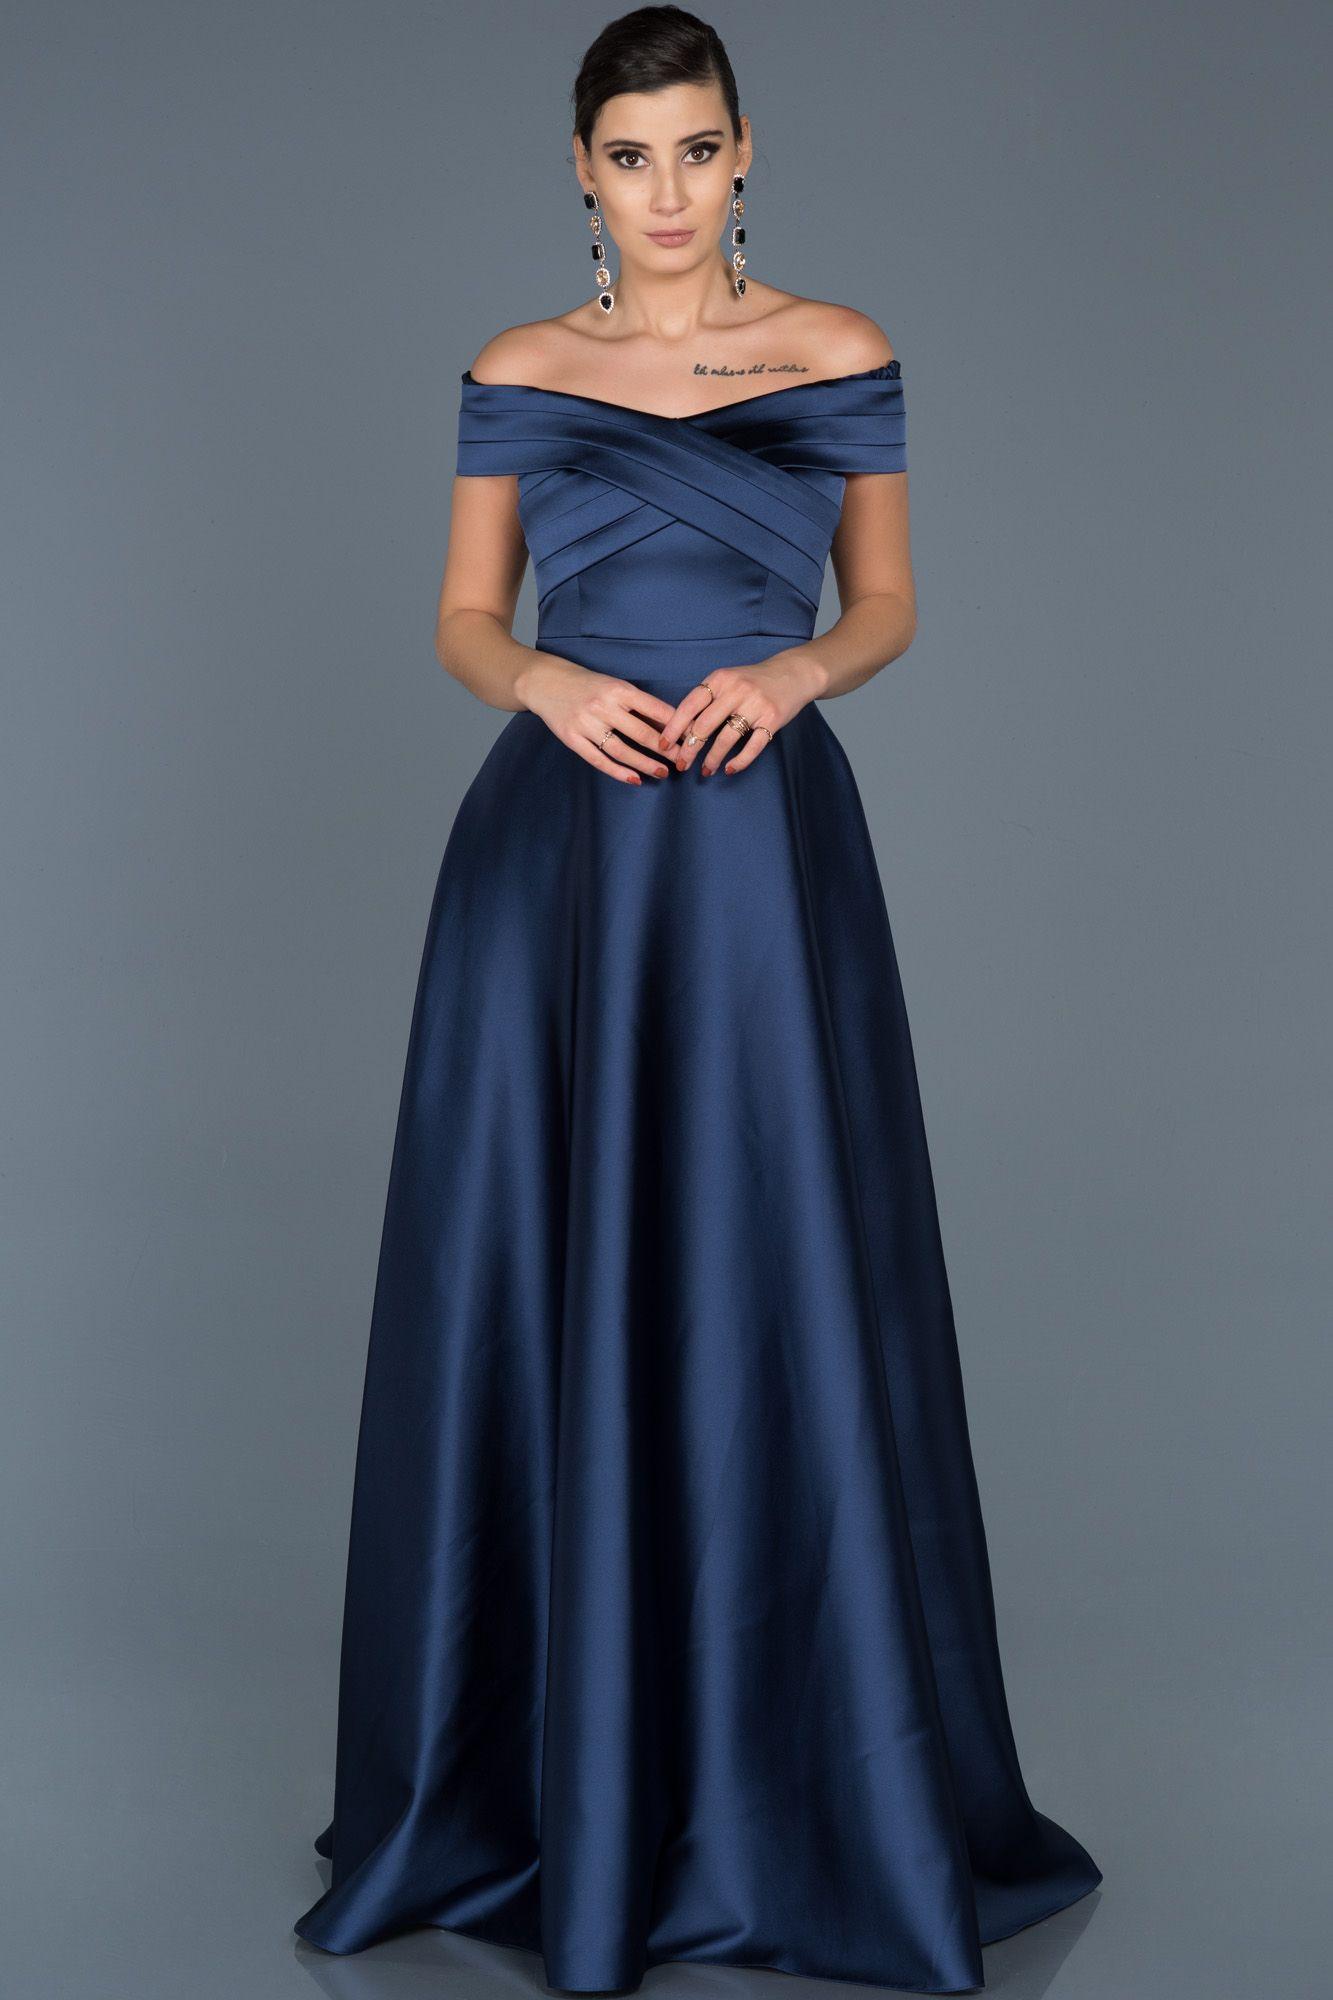 Lacivert Kayik Yaka Prenses Abiye Abu541 Uzun Elbise Elbise Moda Stilleri